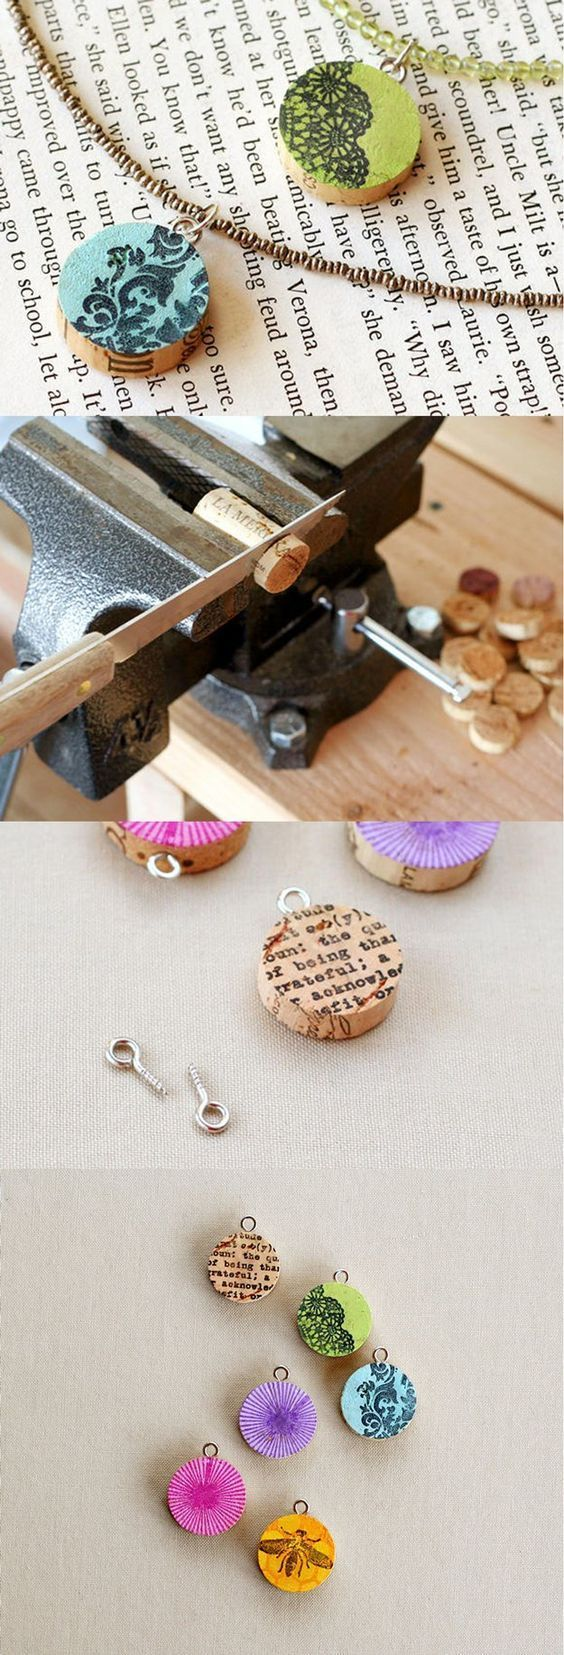 20 fant sticas ideas que te har n reciclar los corchos a partir de ahora ideas joyer a de - Manualidades y bricolaje ...